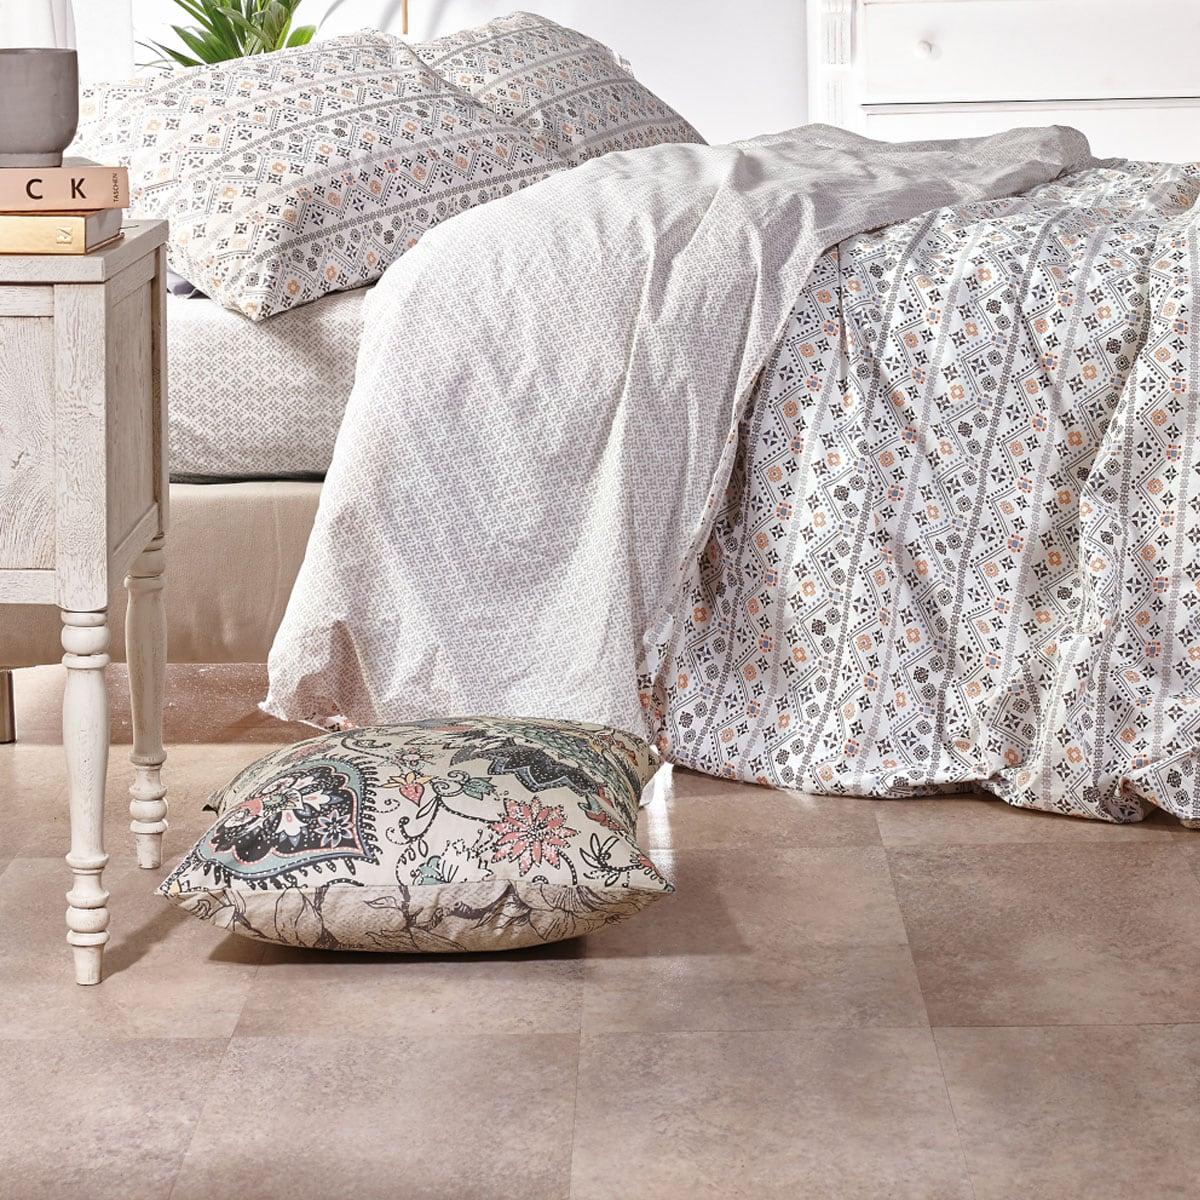 Κουβερλί Calipso 21 Grey-White Kentia Μονό 160x260cm